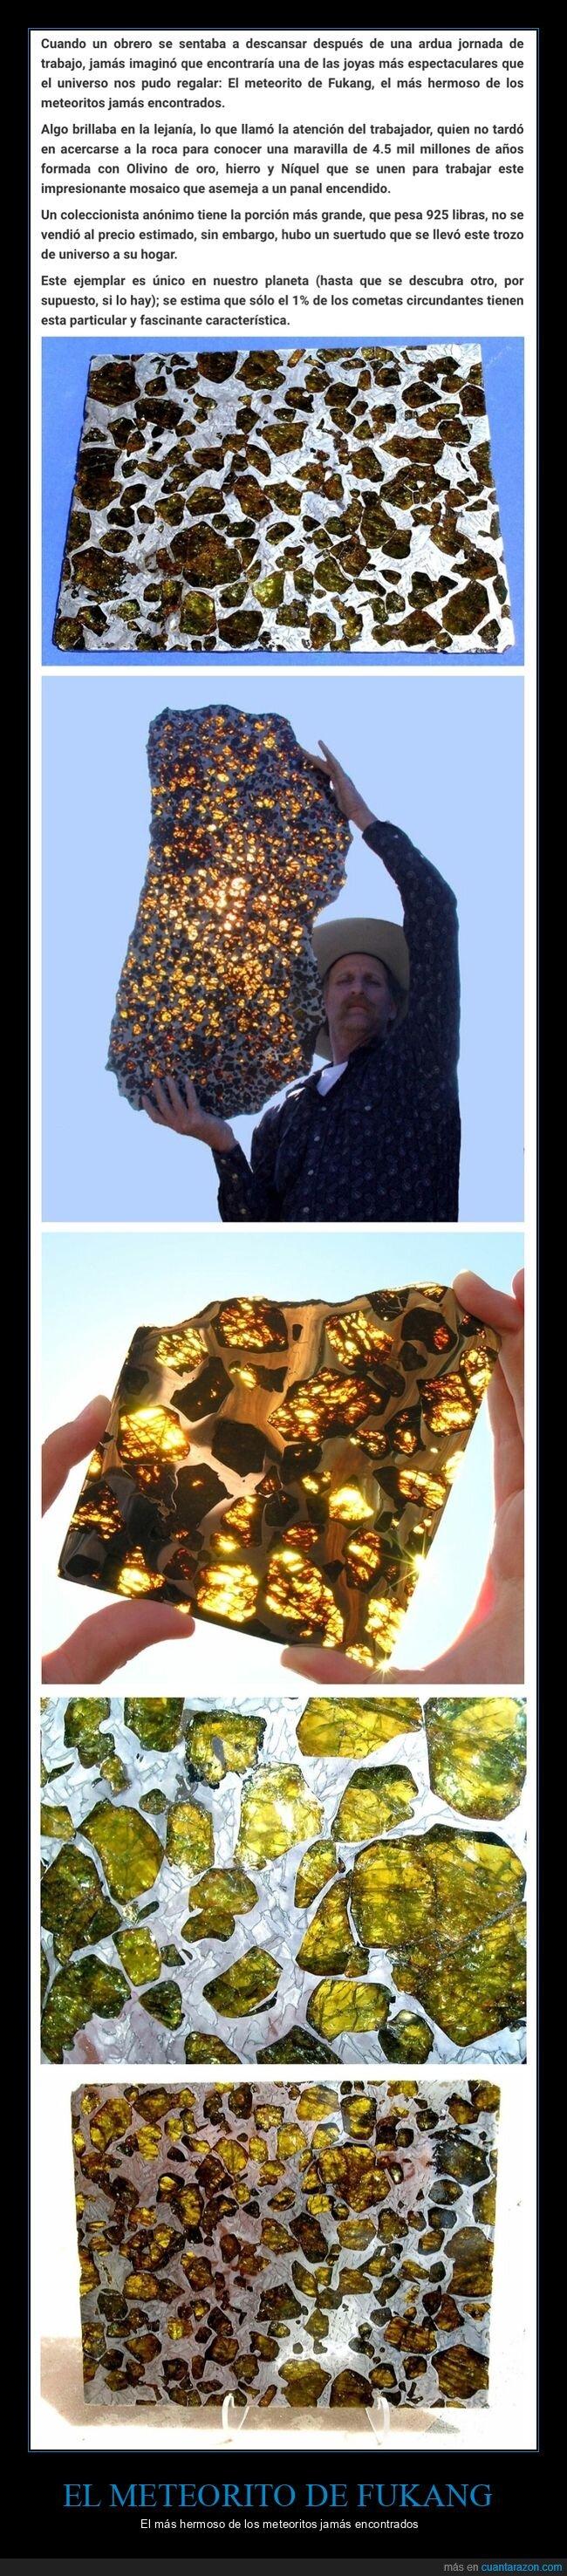 curiosidades,fukang,meteorito